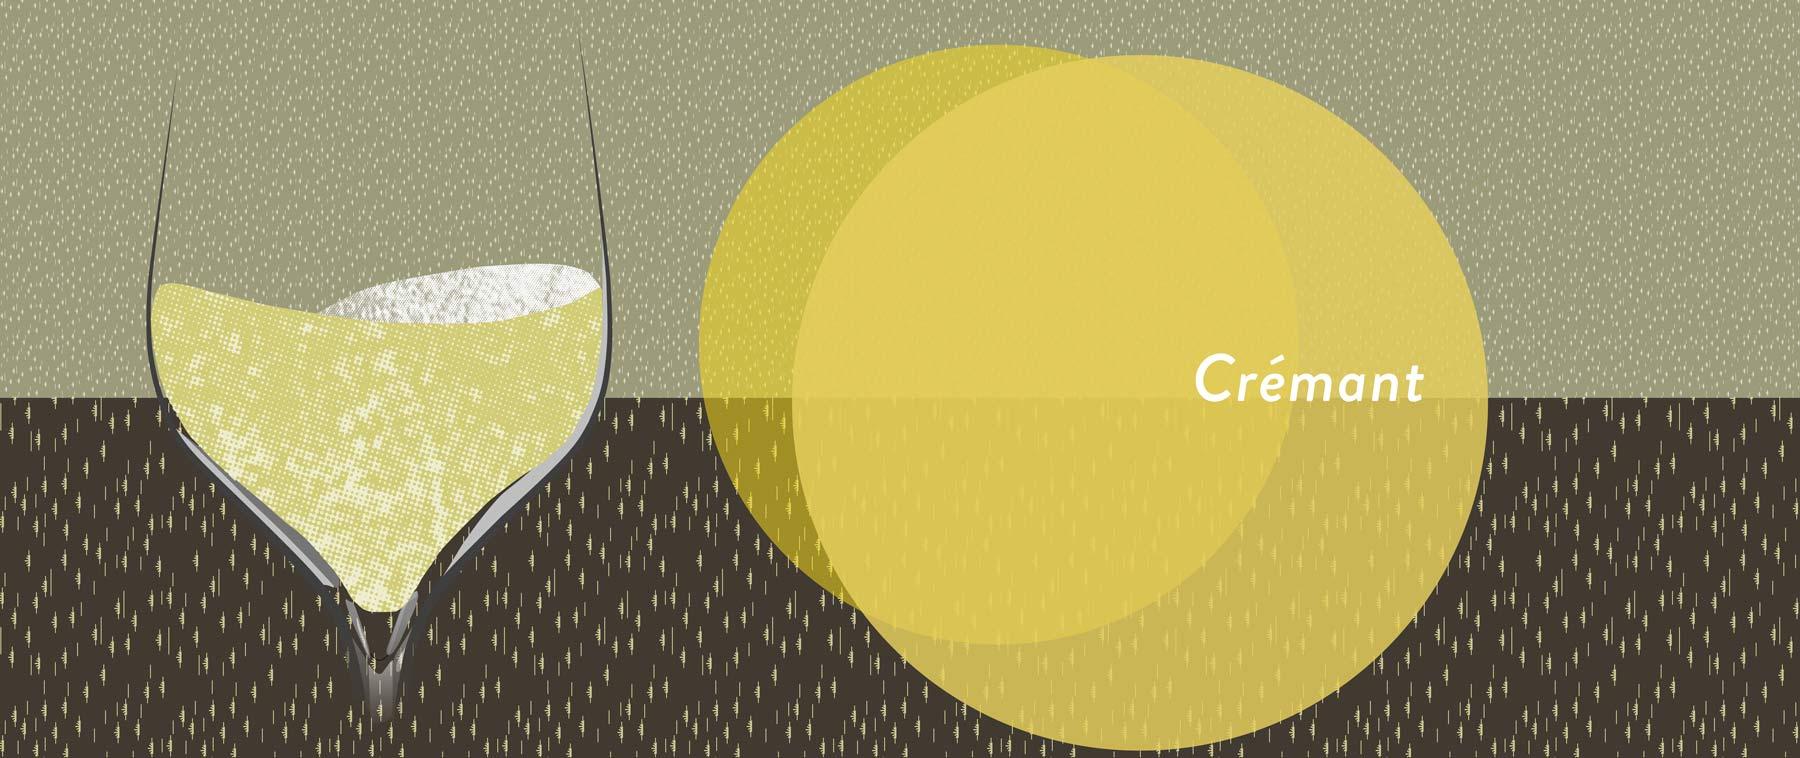 Crémant ist ein französischer Schaumwein, der nicht aus der Champagne kommt